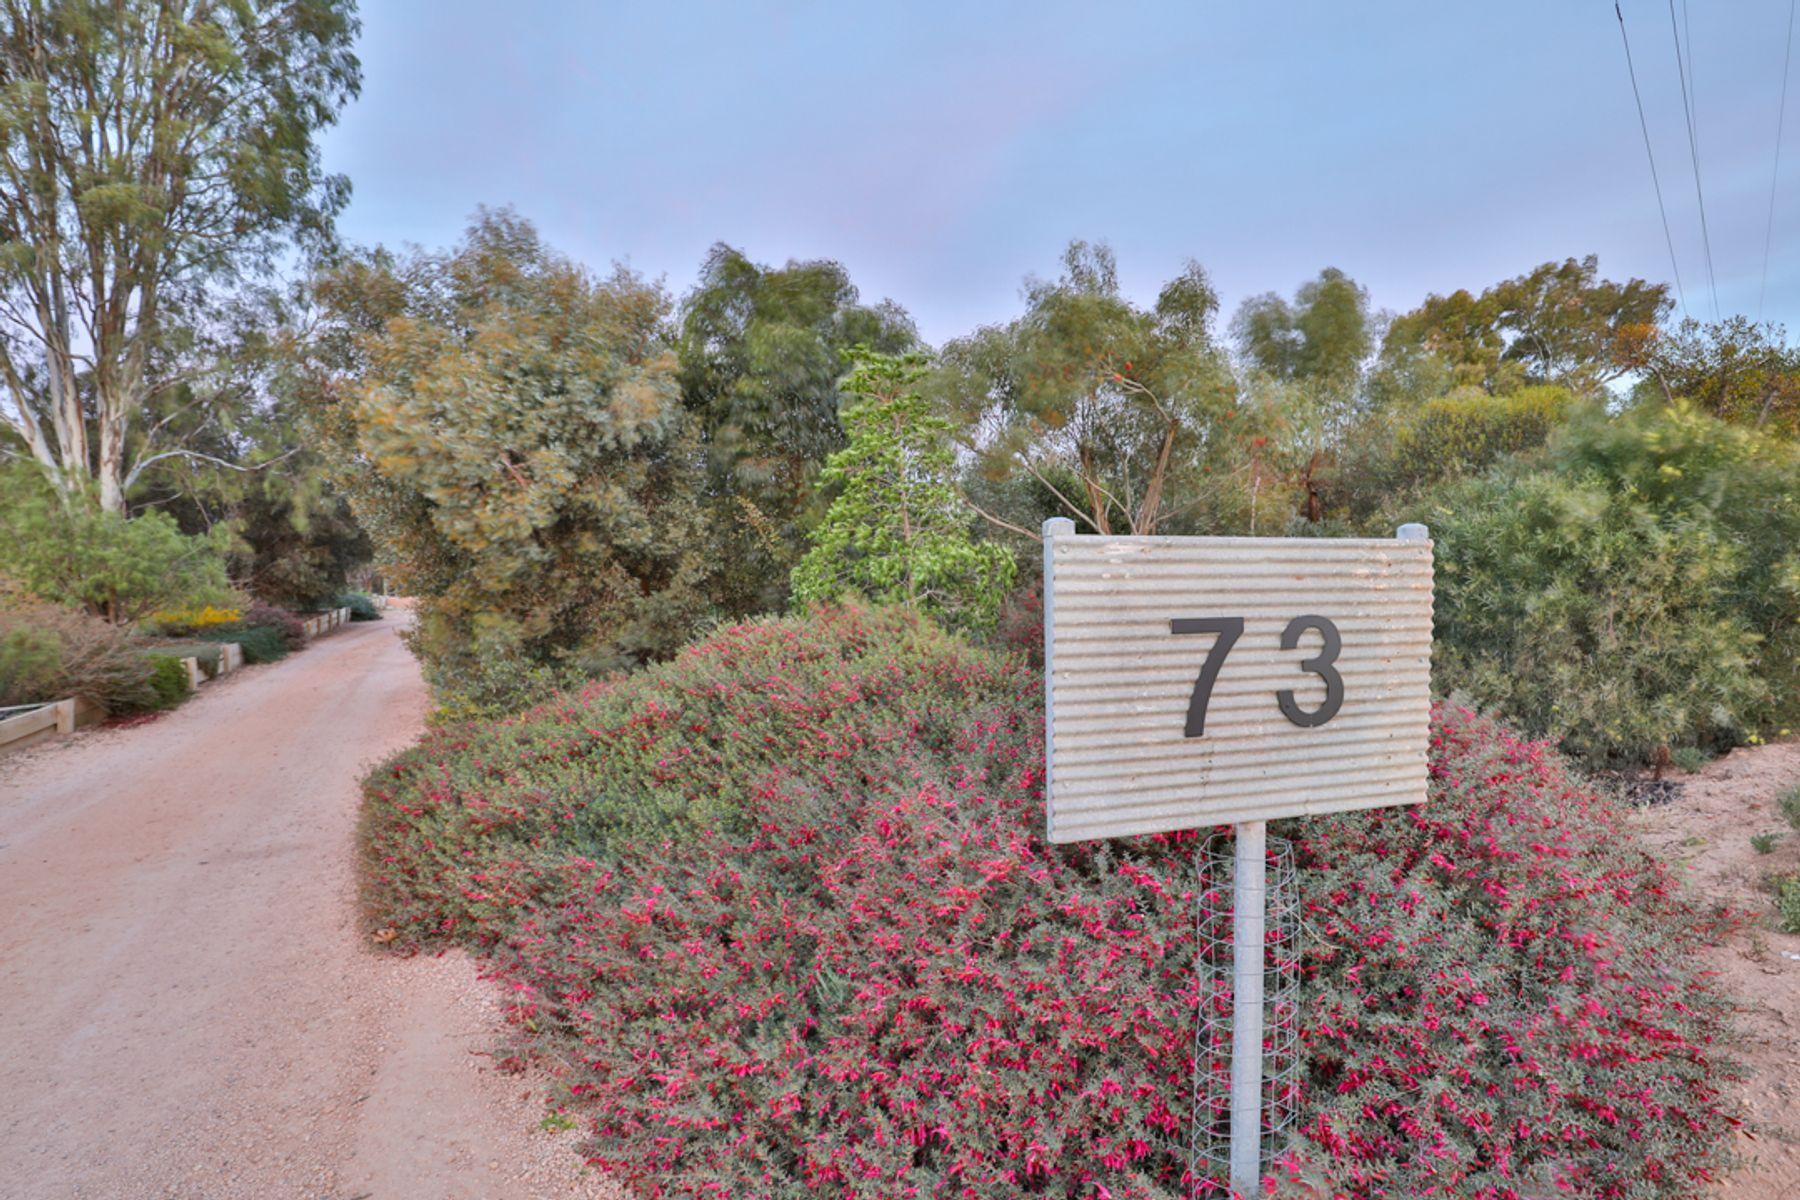 73 Billabong Road, Nichols Point, VIC 3501